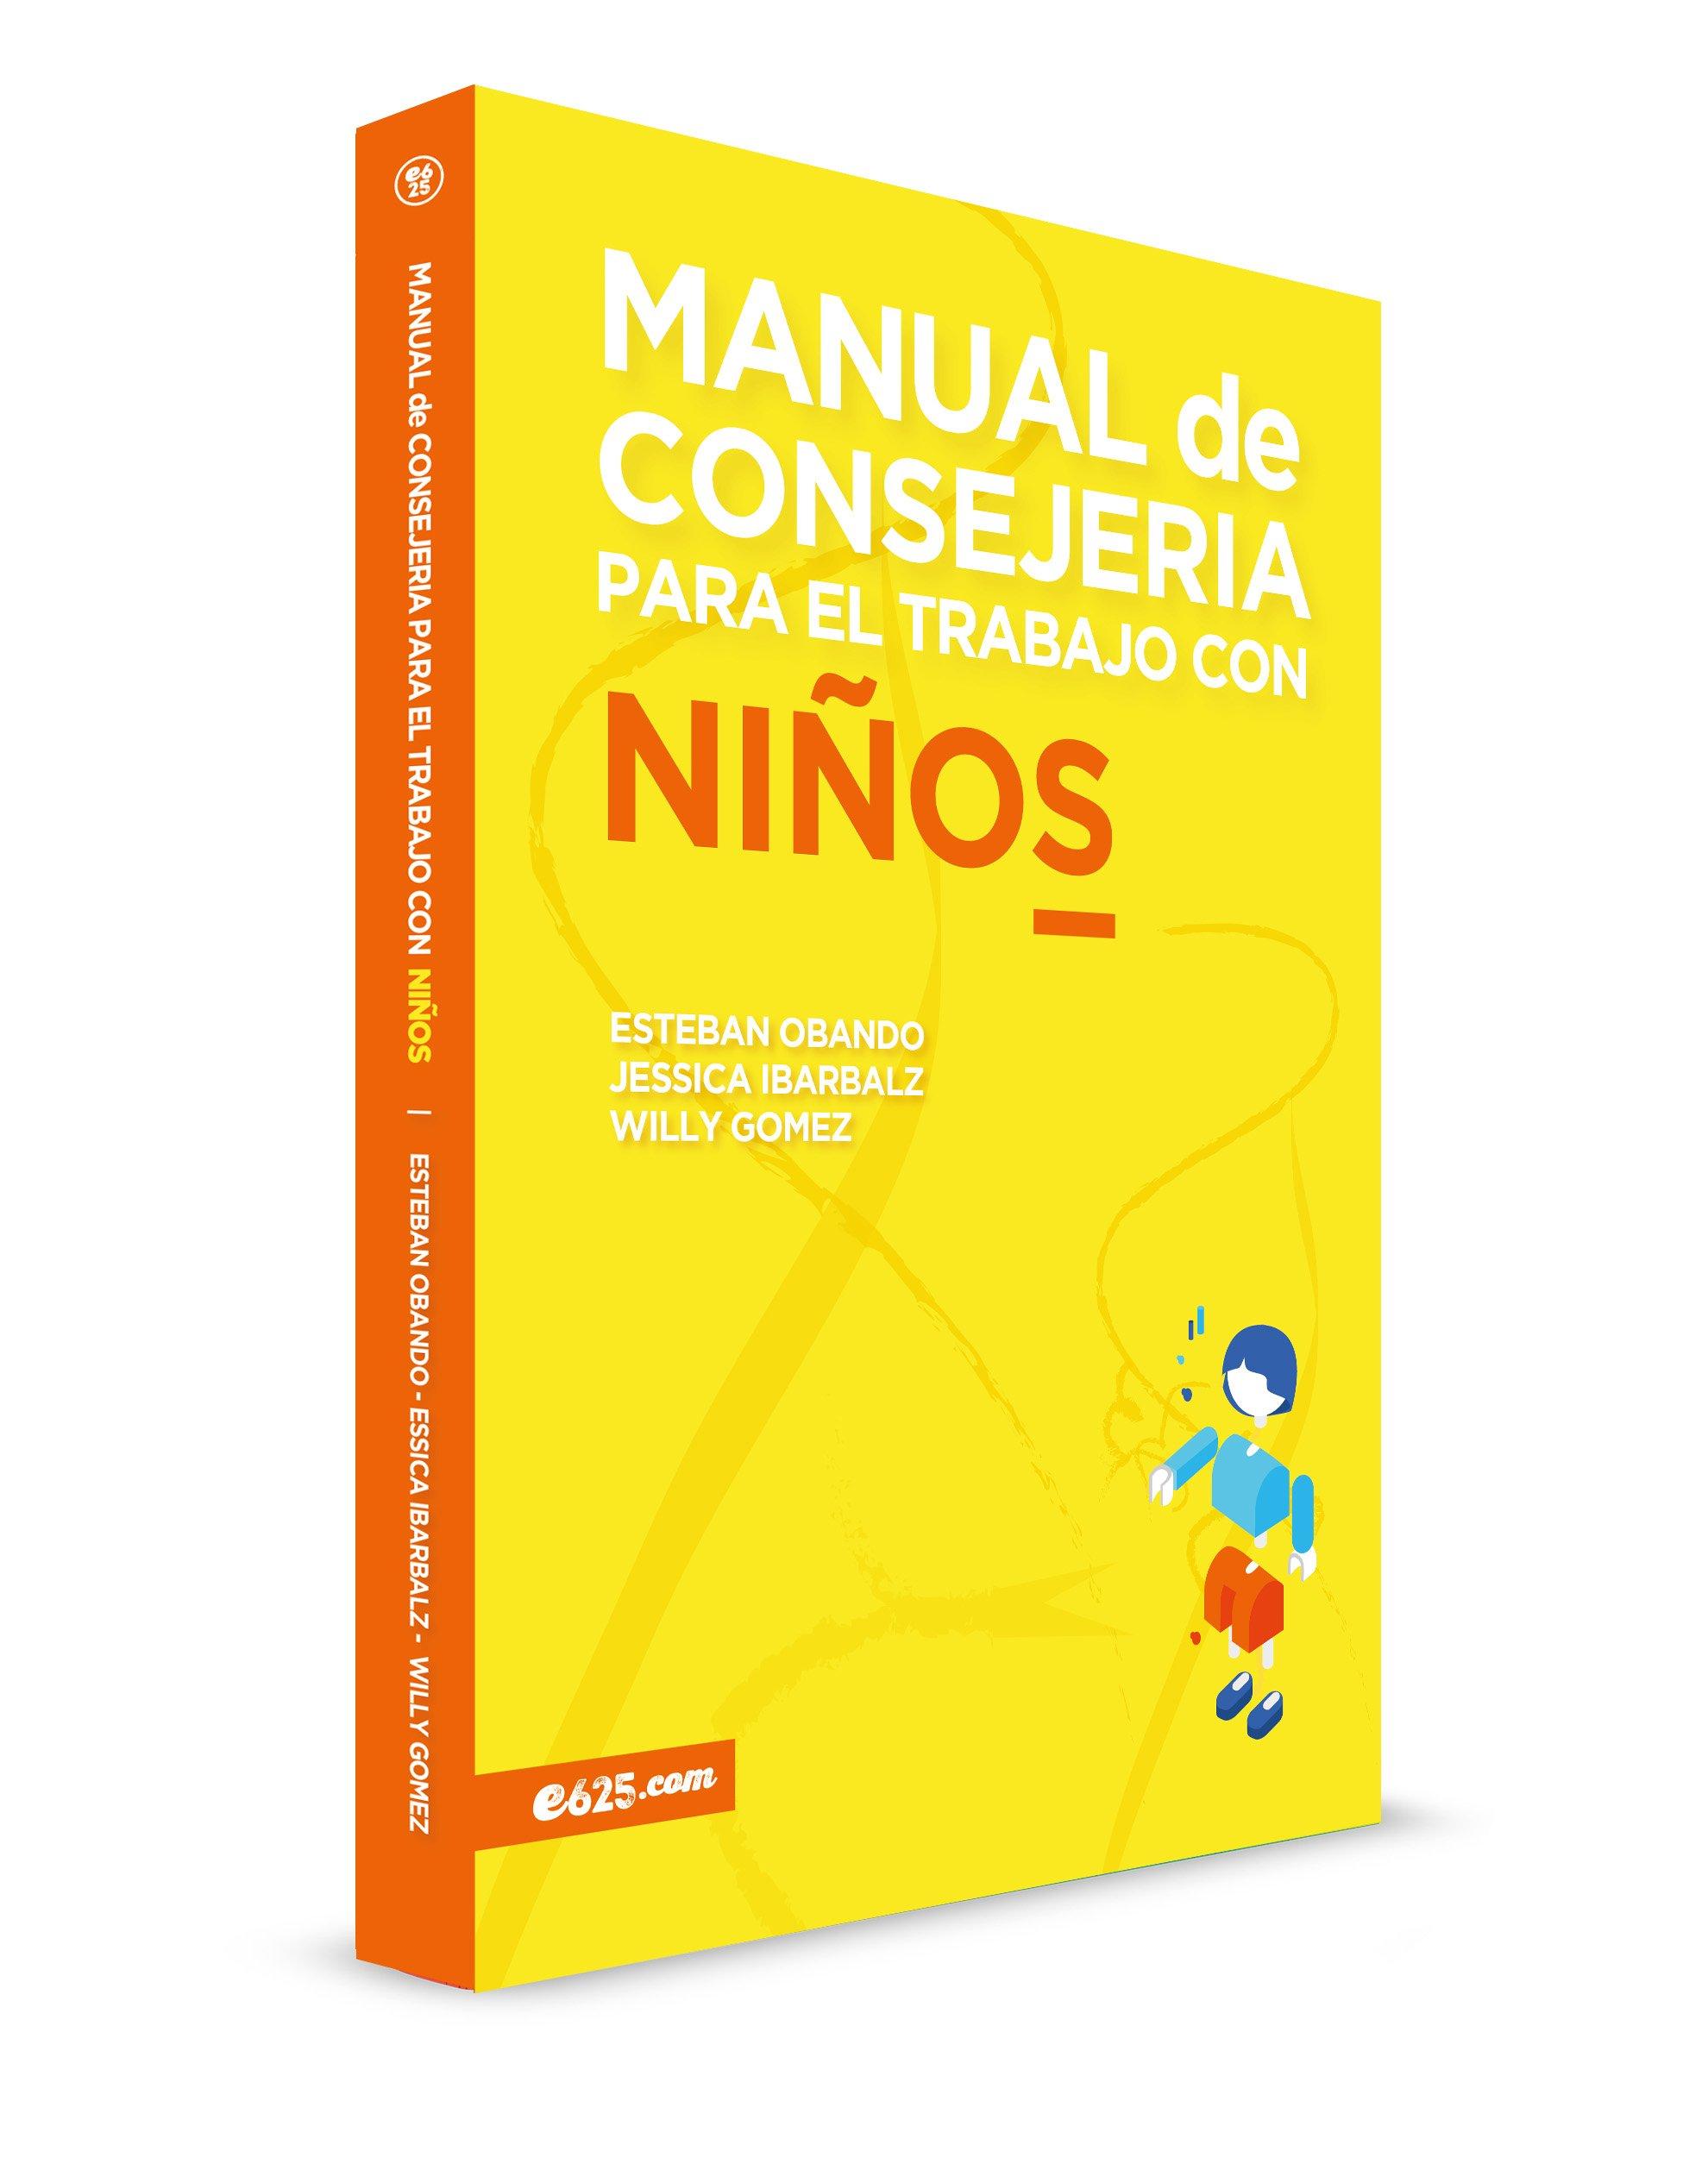 Amazon.com: Manual de consejería para el trabajo con niños (Spanish Edition) (9781946707000): Esteban Obando: Books